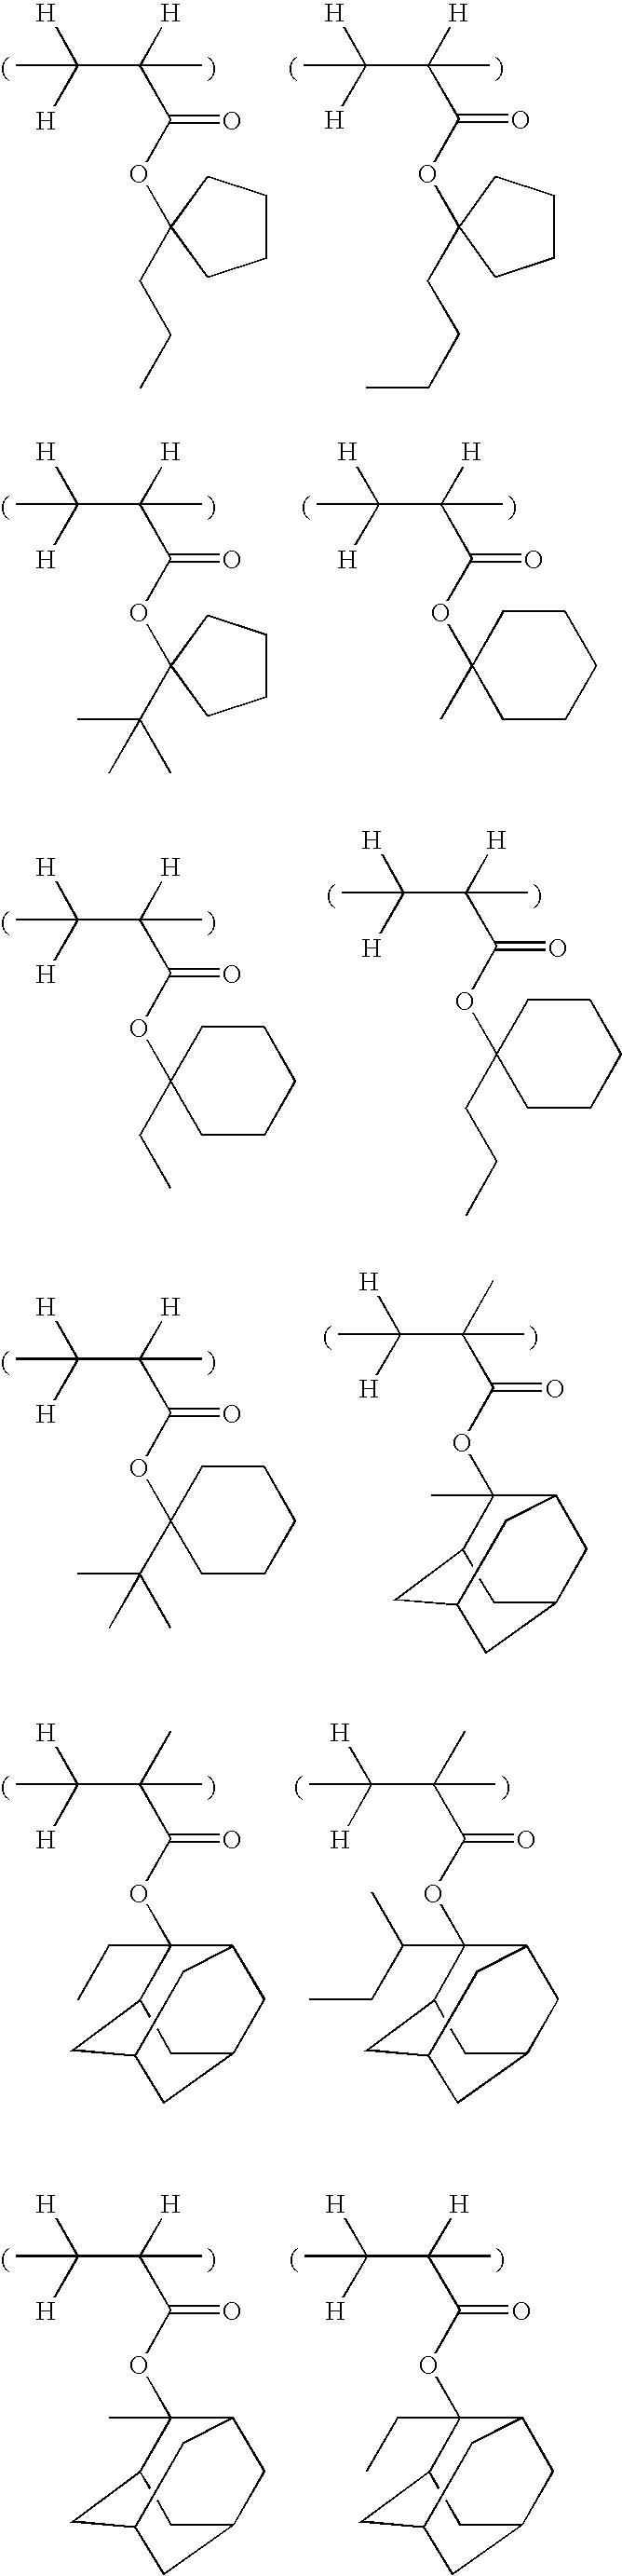 Figure US07771913-20100810-C00046